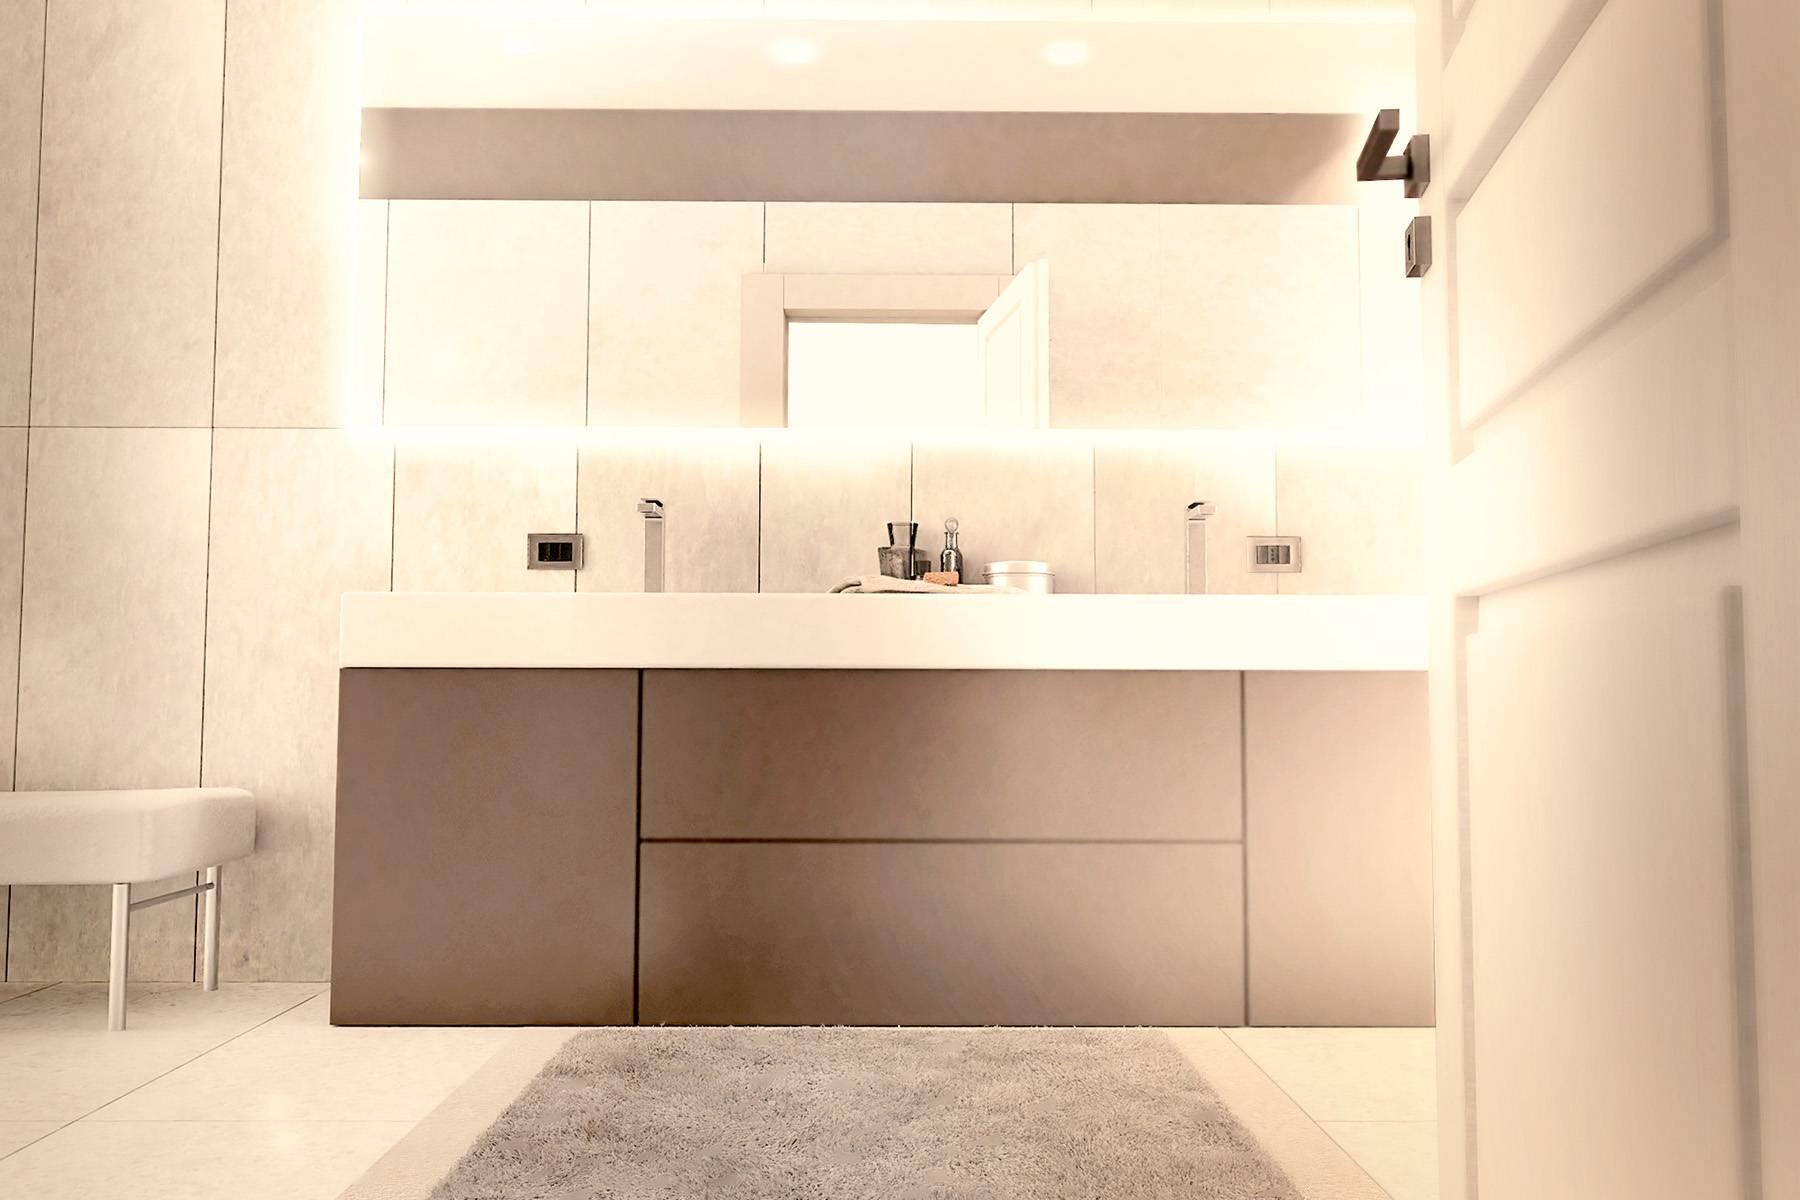 Appartamento in Vendita a Roma: 4 locali, 107 mq - Foto 12